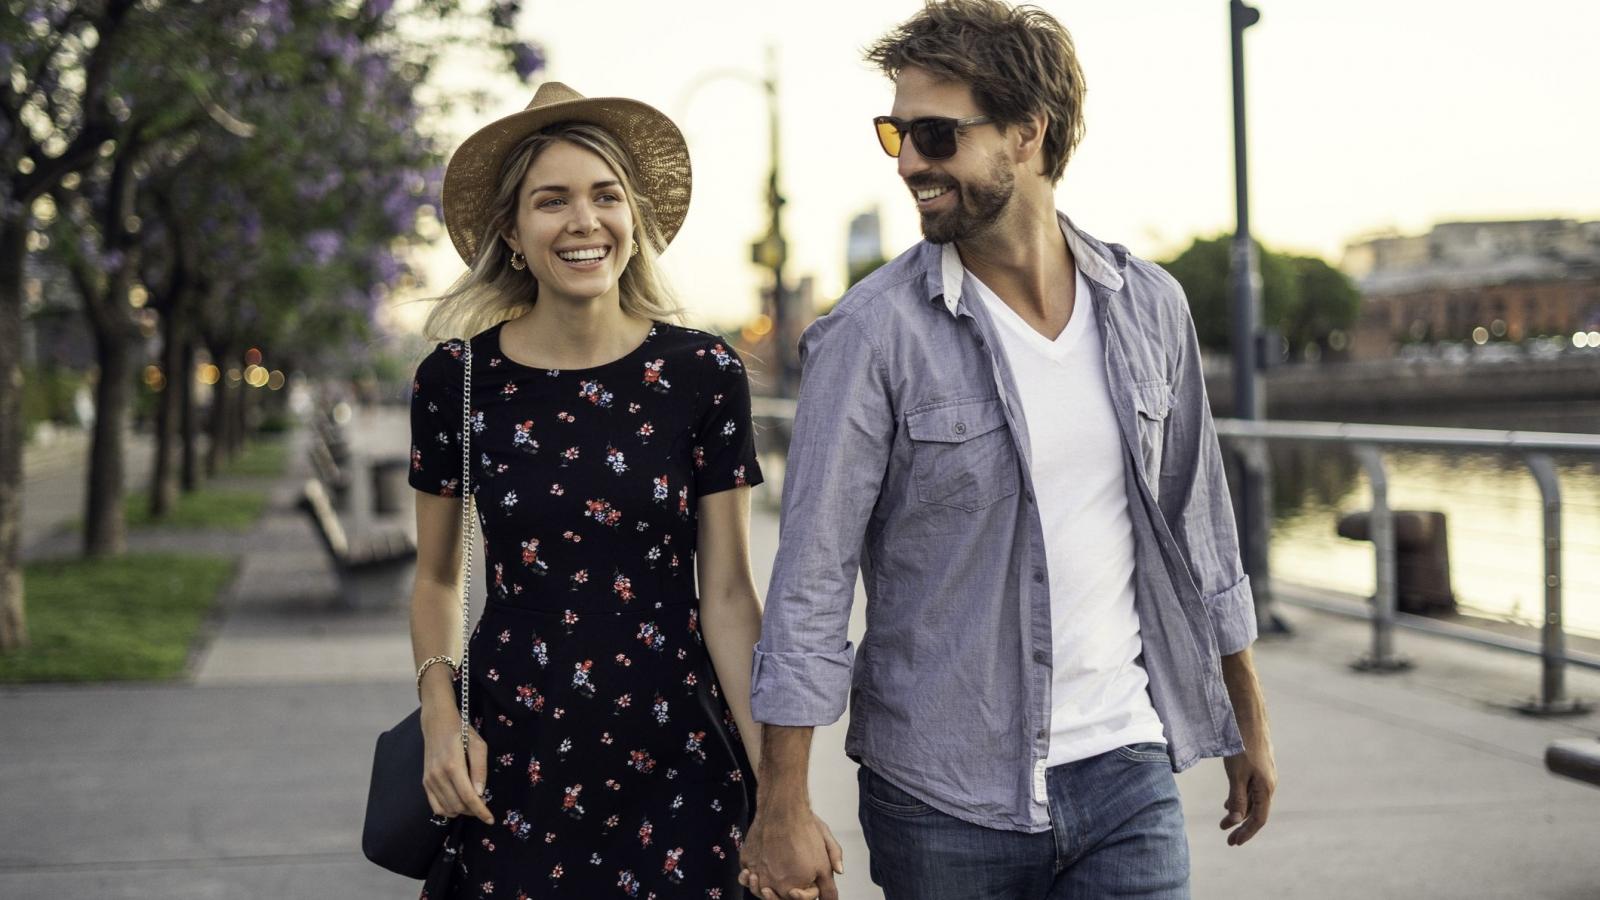 Những điều phụ nữ mong muốn trong một mối quan hệ